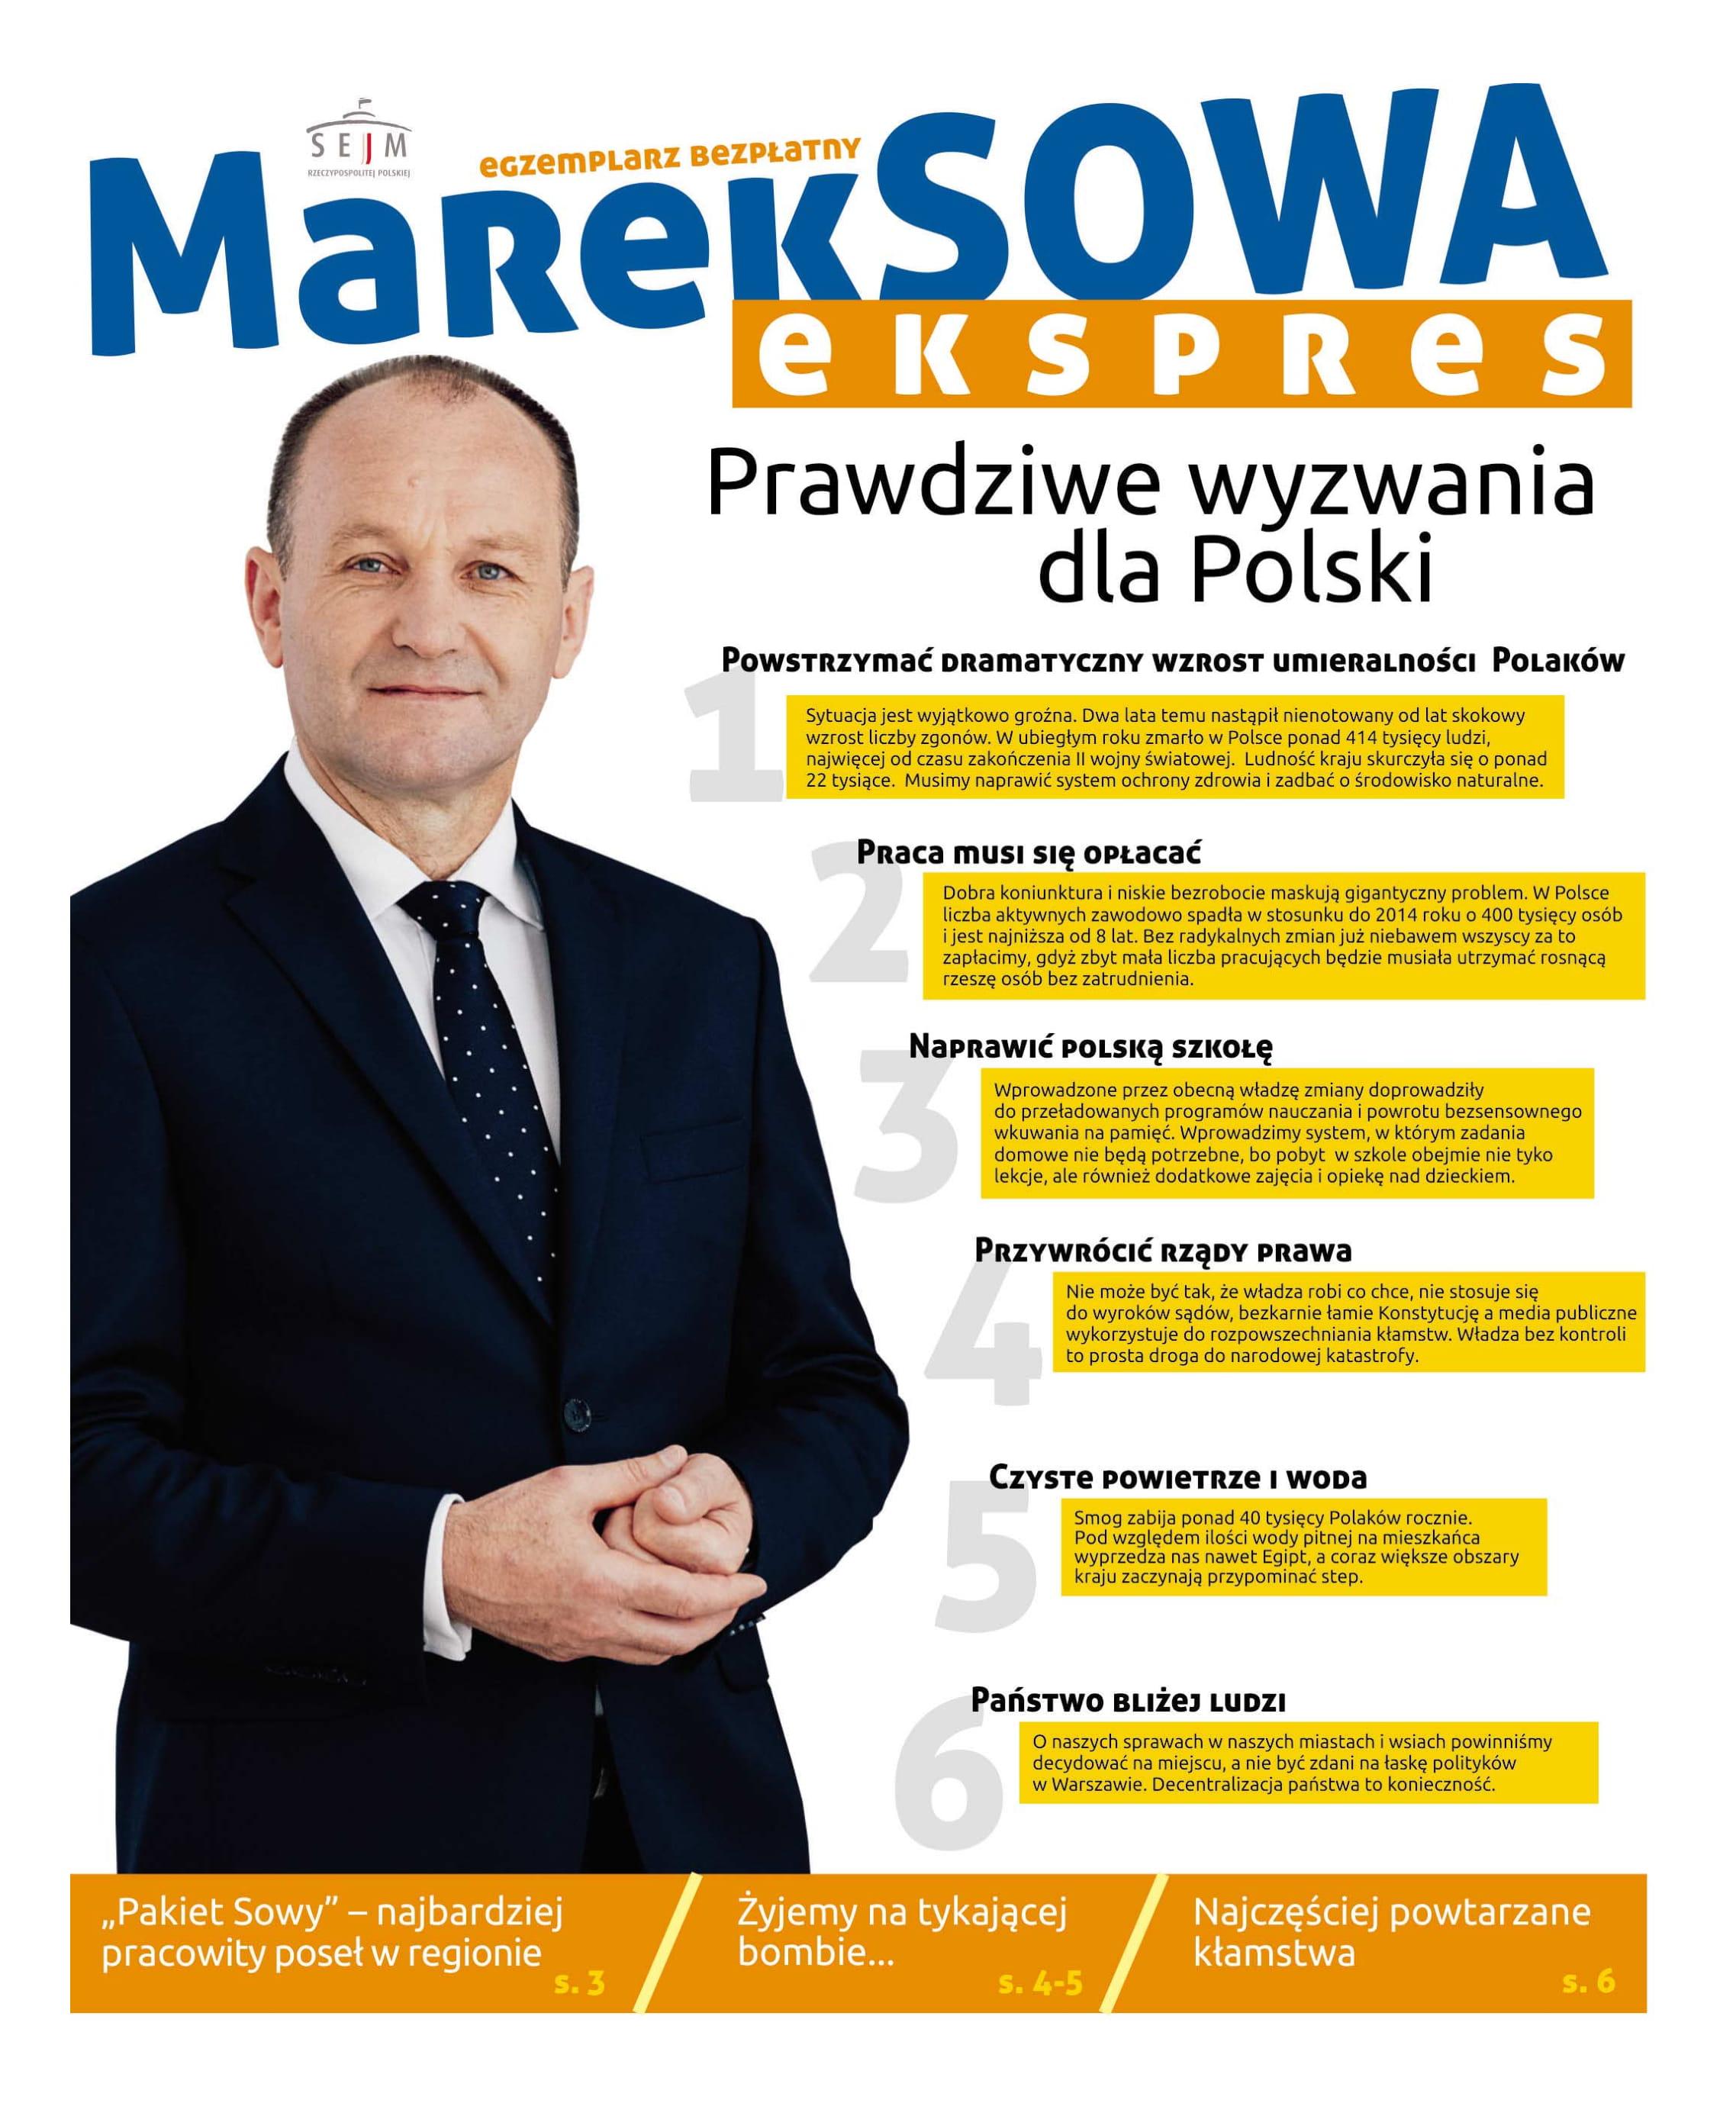 Poseł Marek Sowa - podsumowanie kadencji